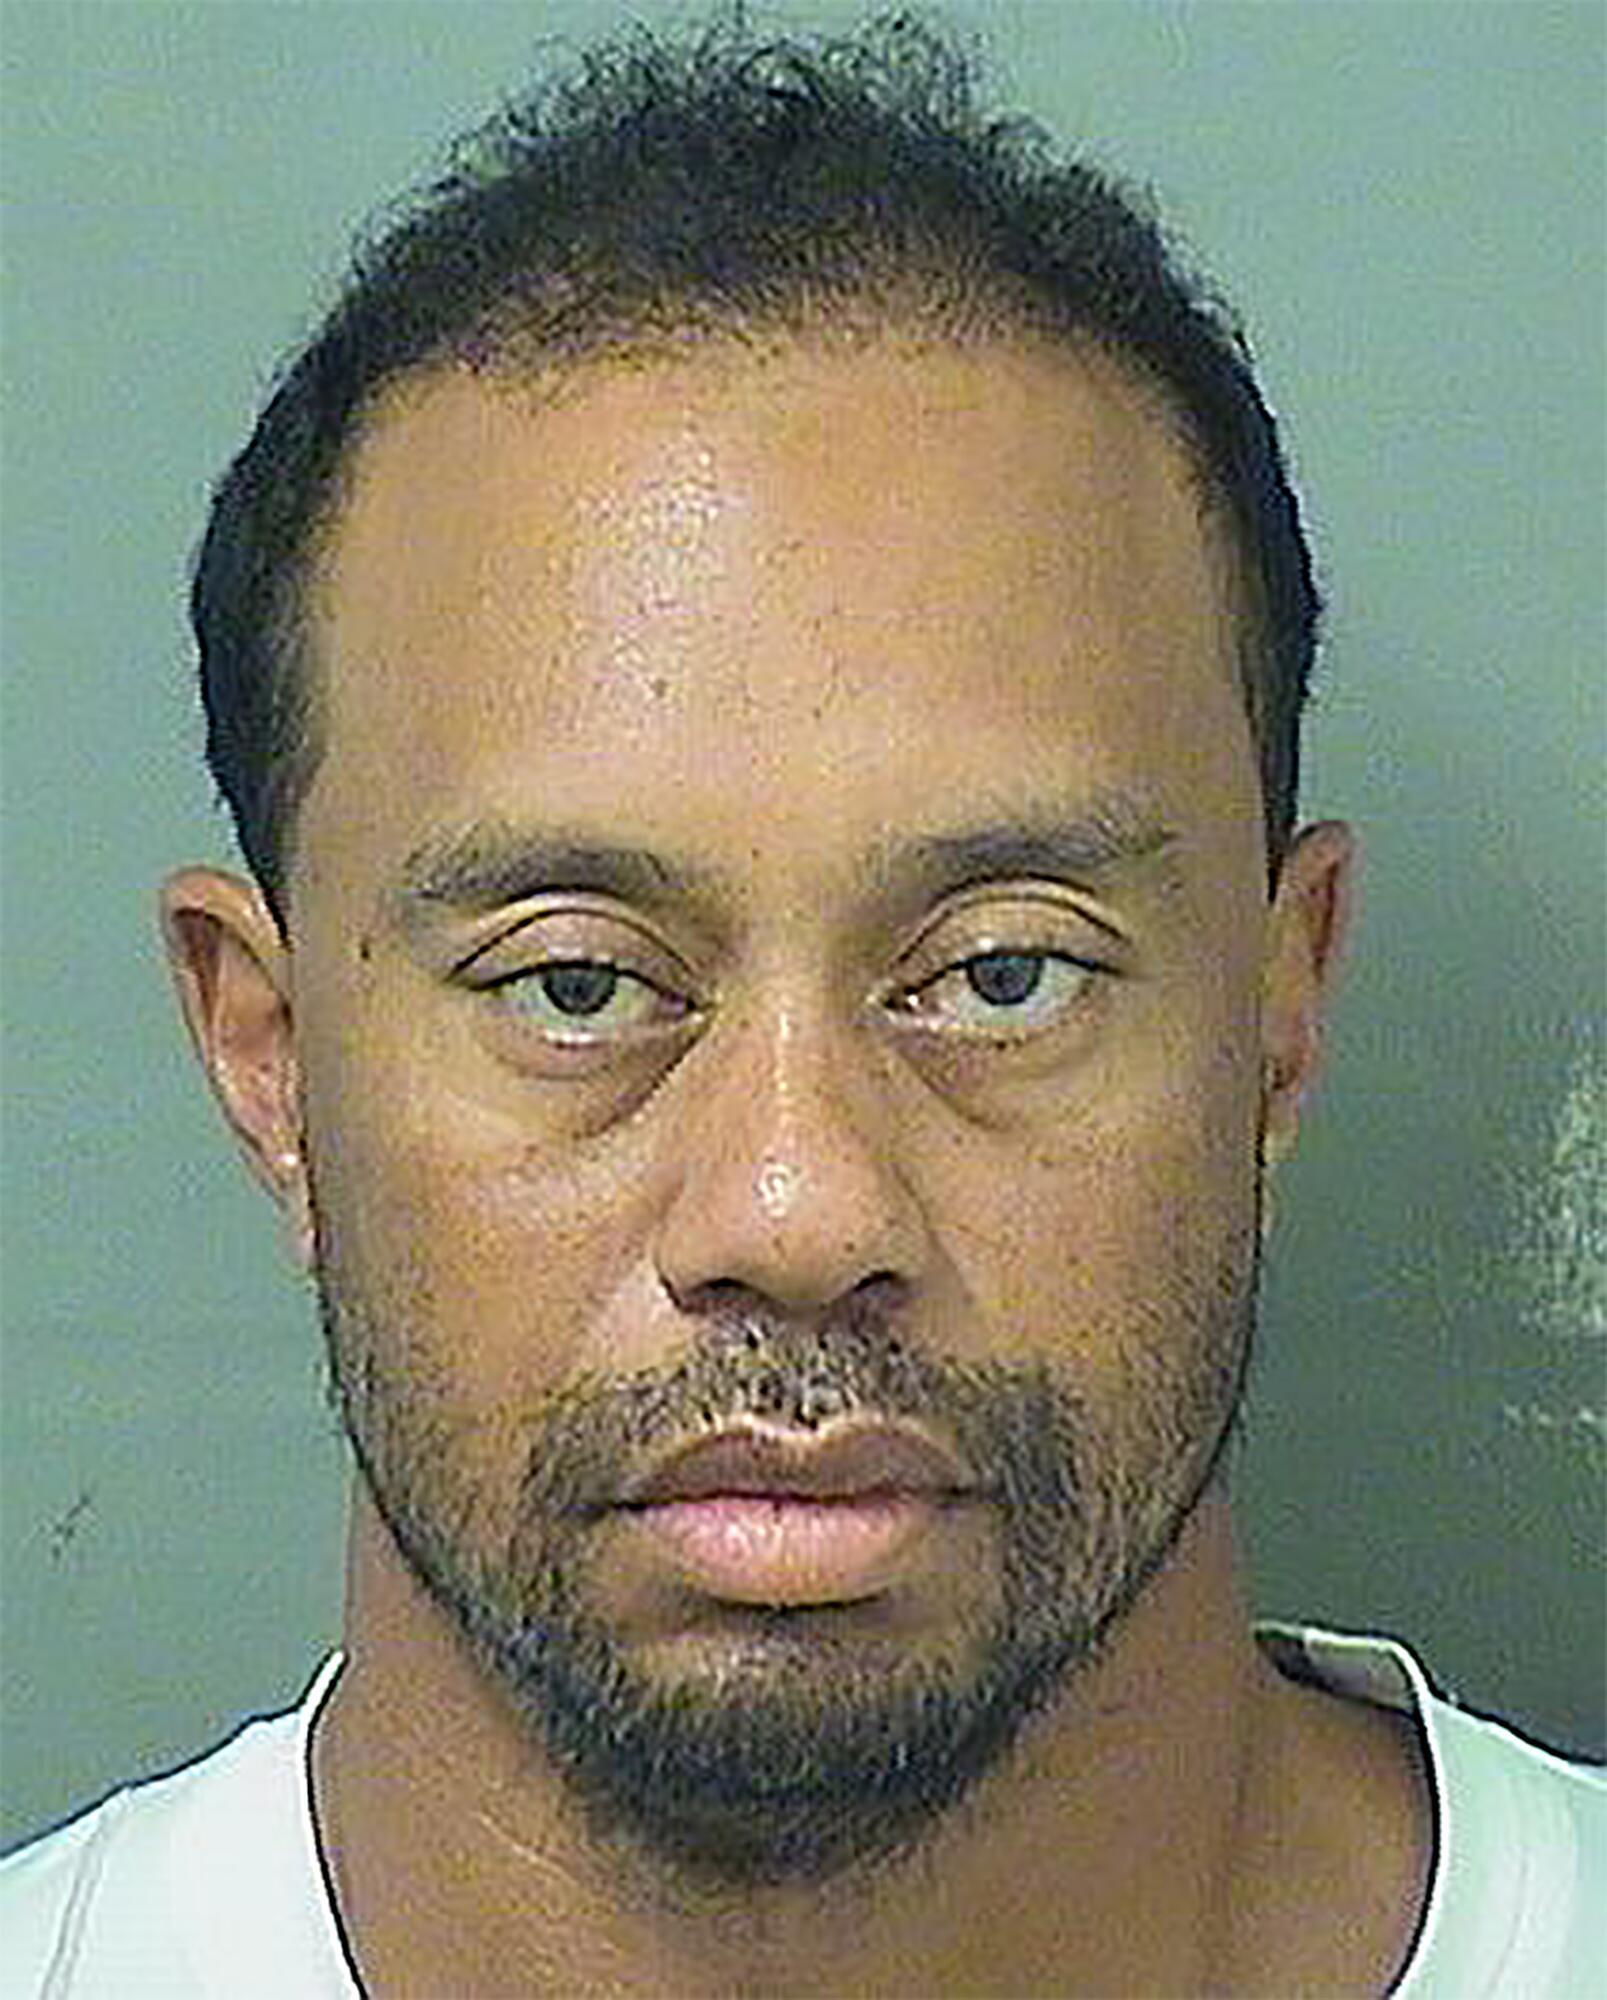 Bild zu Tiger Woods, Festnahme, Polizei, Polizeifoto, Palm Beach, Jupiter, Florida, USA, Drogen